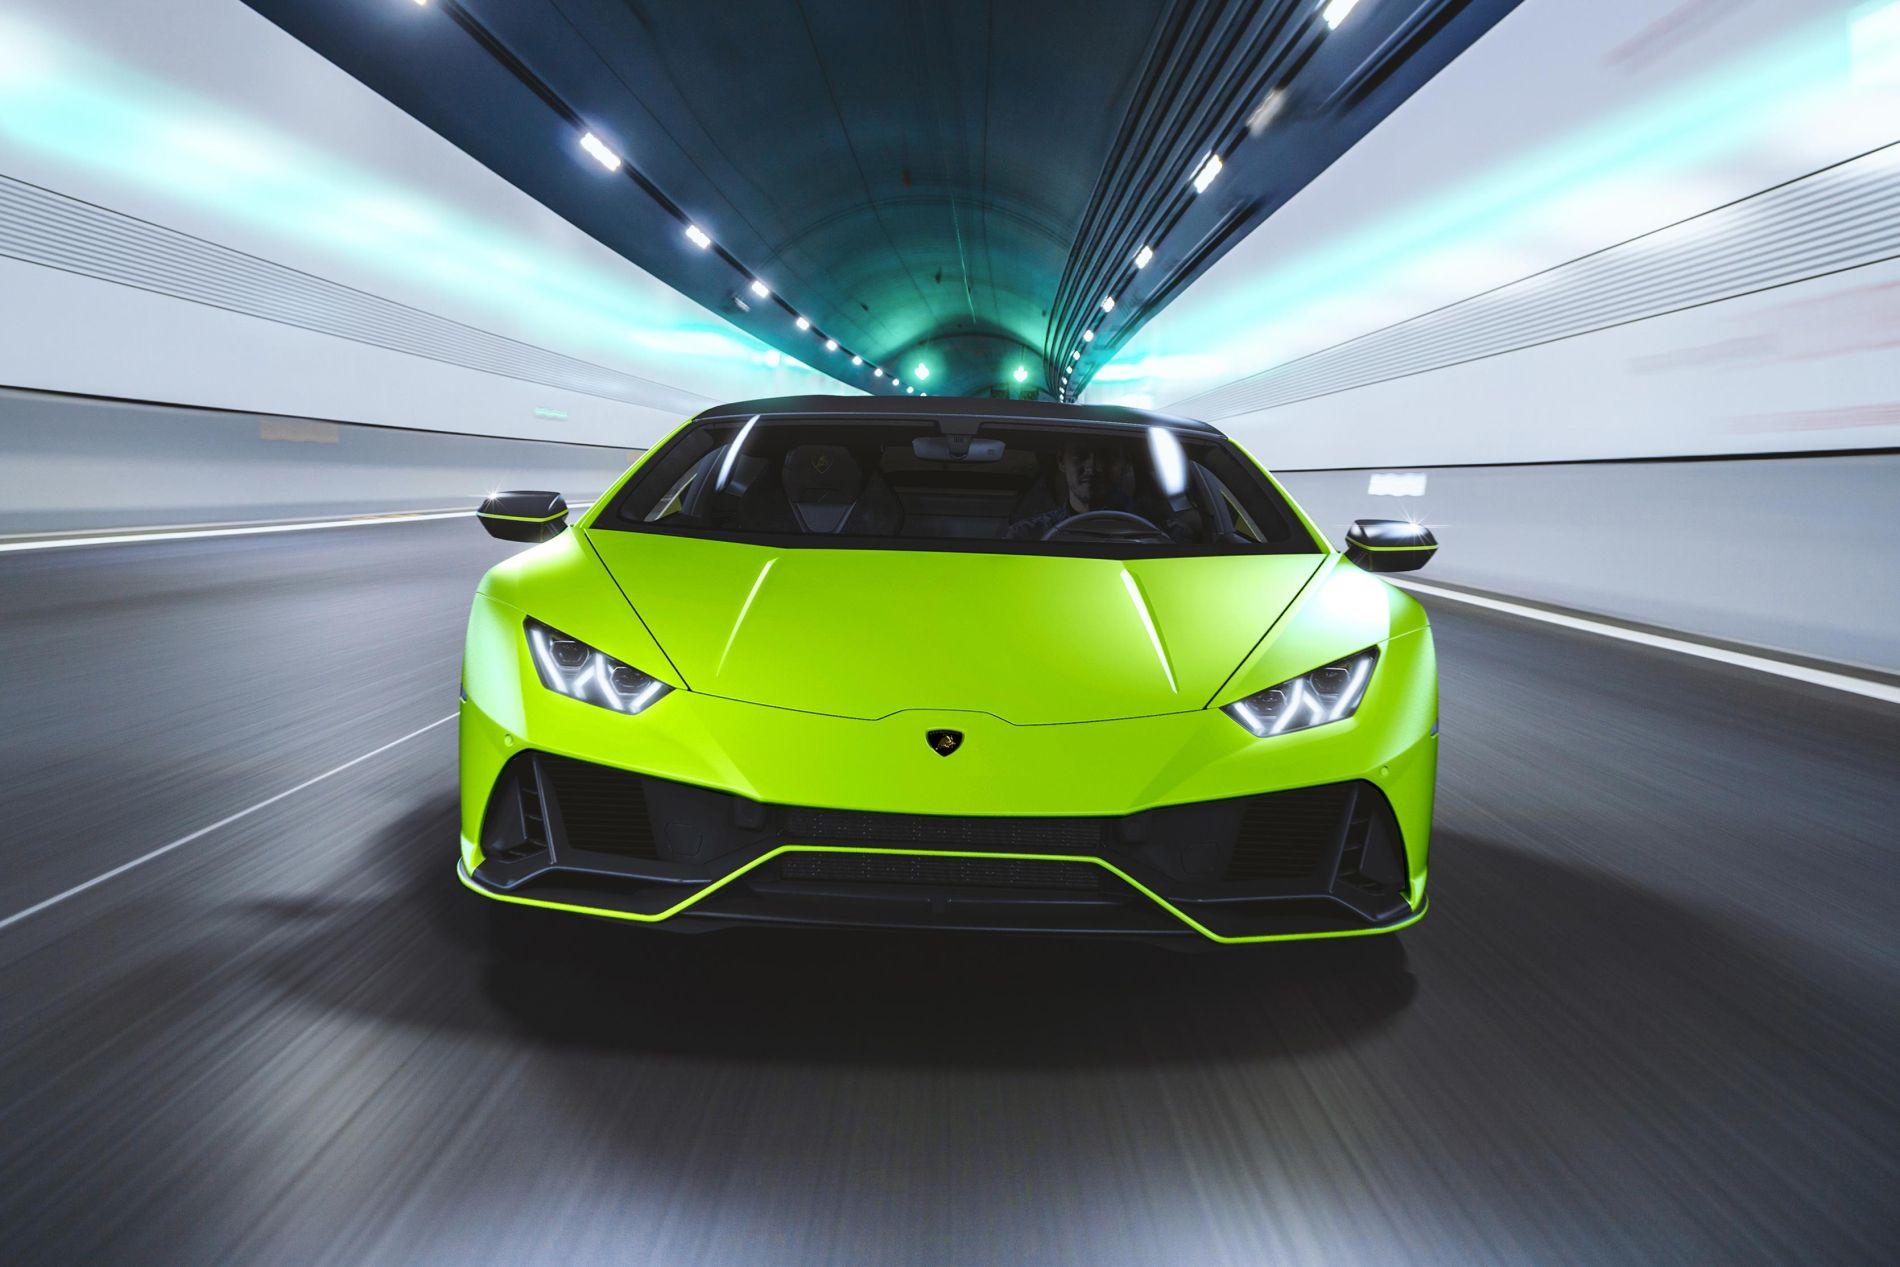 Lamborghini introduce o nouă colecție de culori pentru Huracan Evo